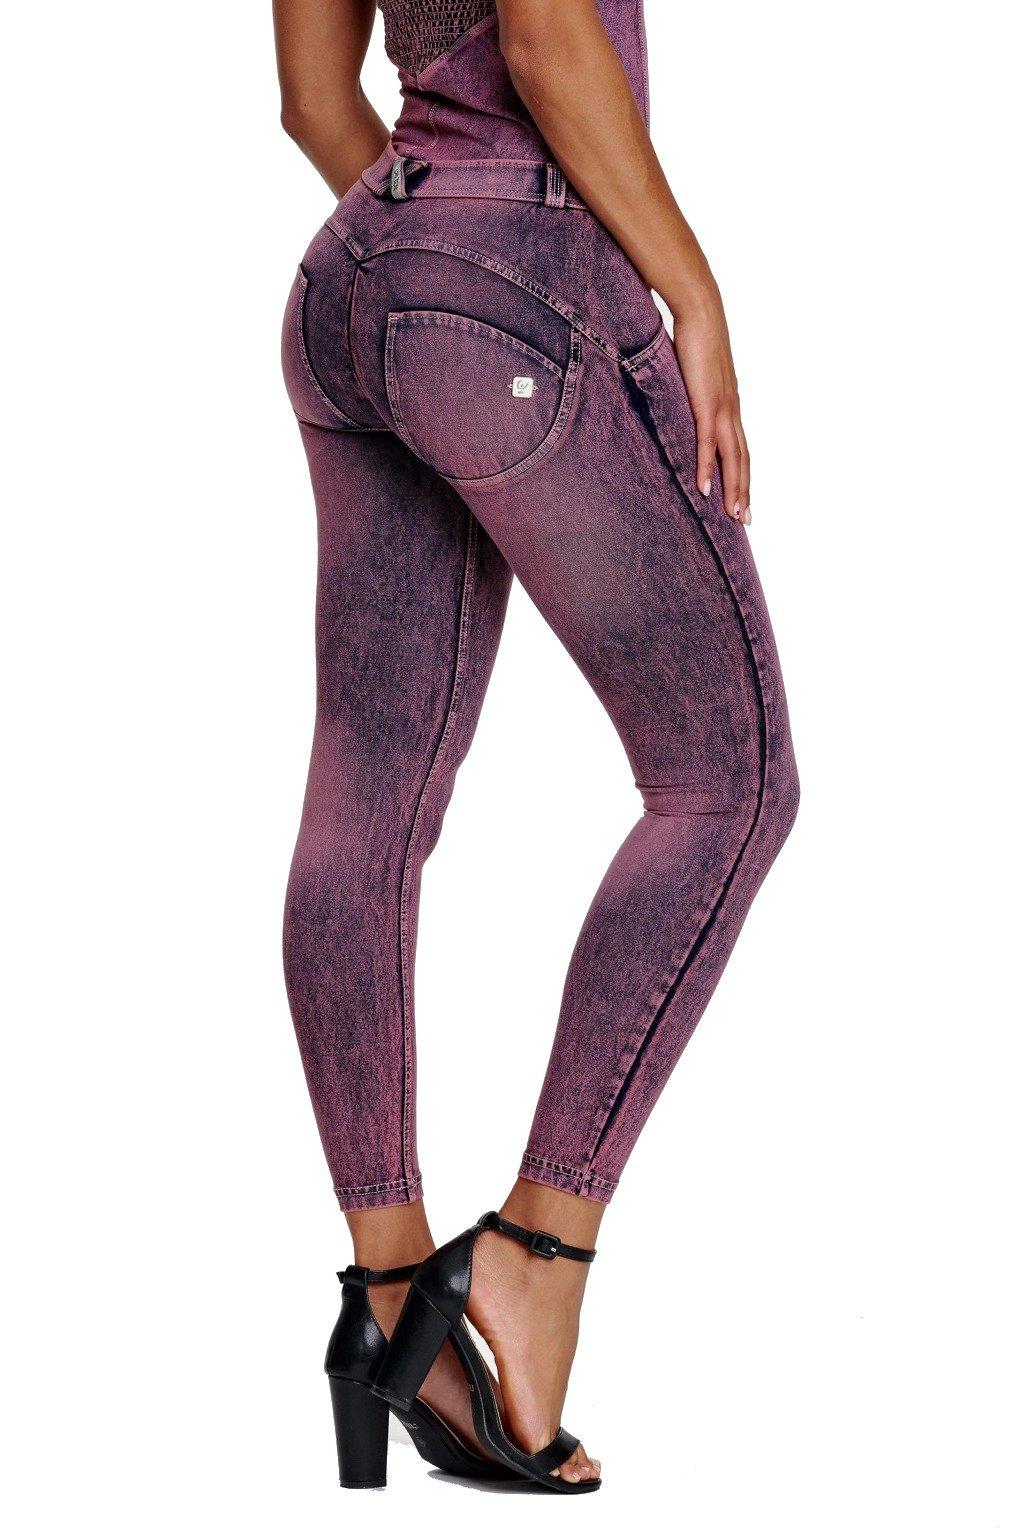 Freddy skinny dziny rifle 78 nad kotniky superskinny elasticke push up kalhoty freddy jeans oprane vyprane efekt oprani normalni pas stredni pas (3)